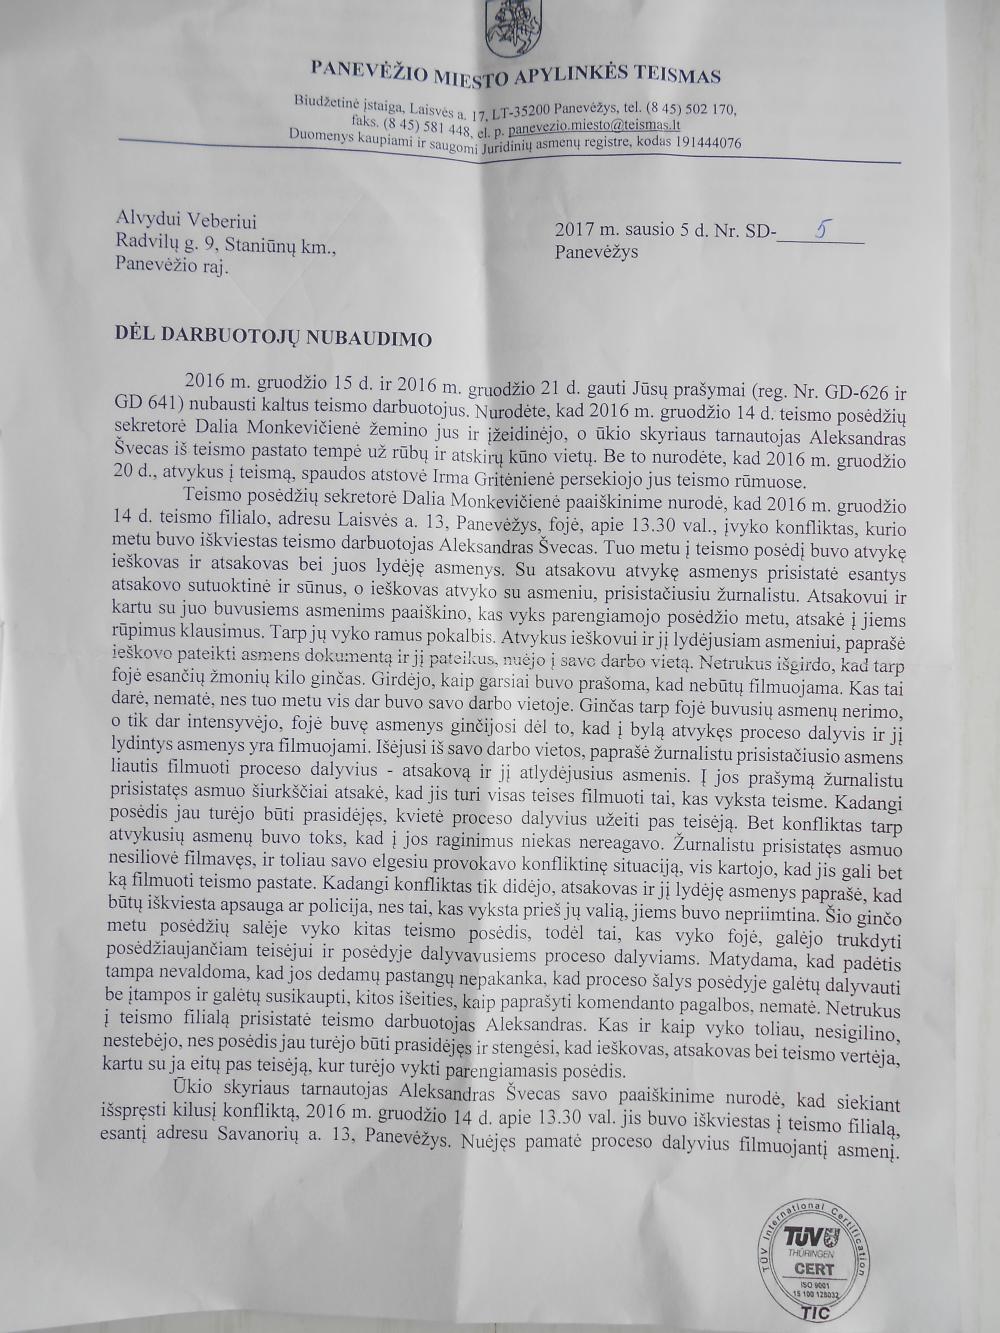 Panevėžio apylinkės teismas : teismo darbuotojas teisėtai grasino mirtimi LL žurnalistui